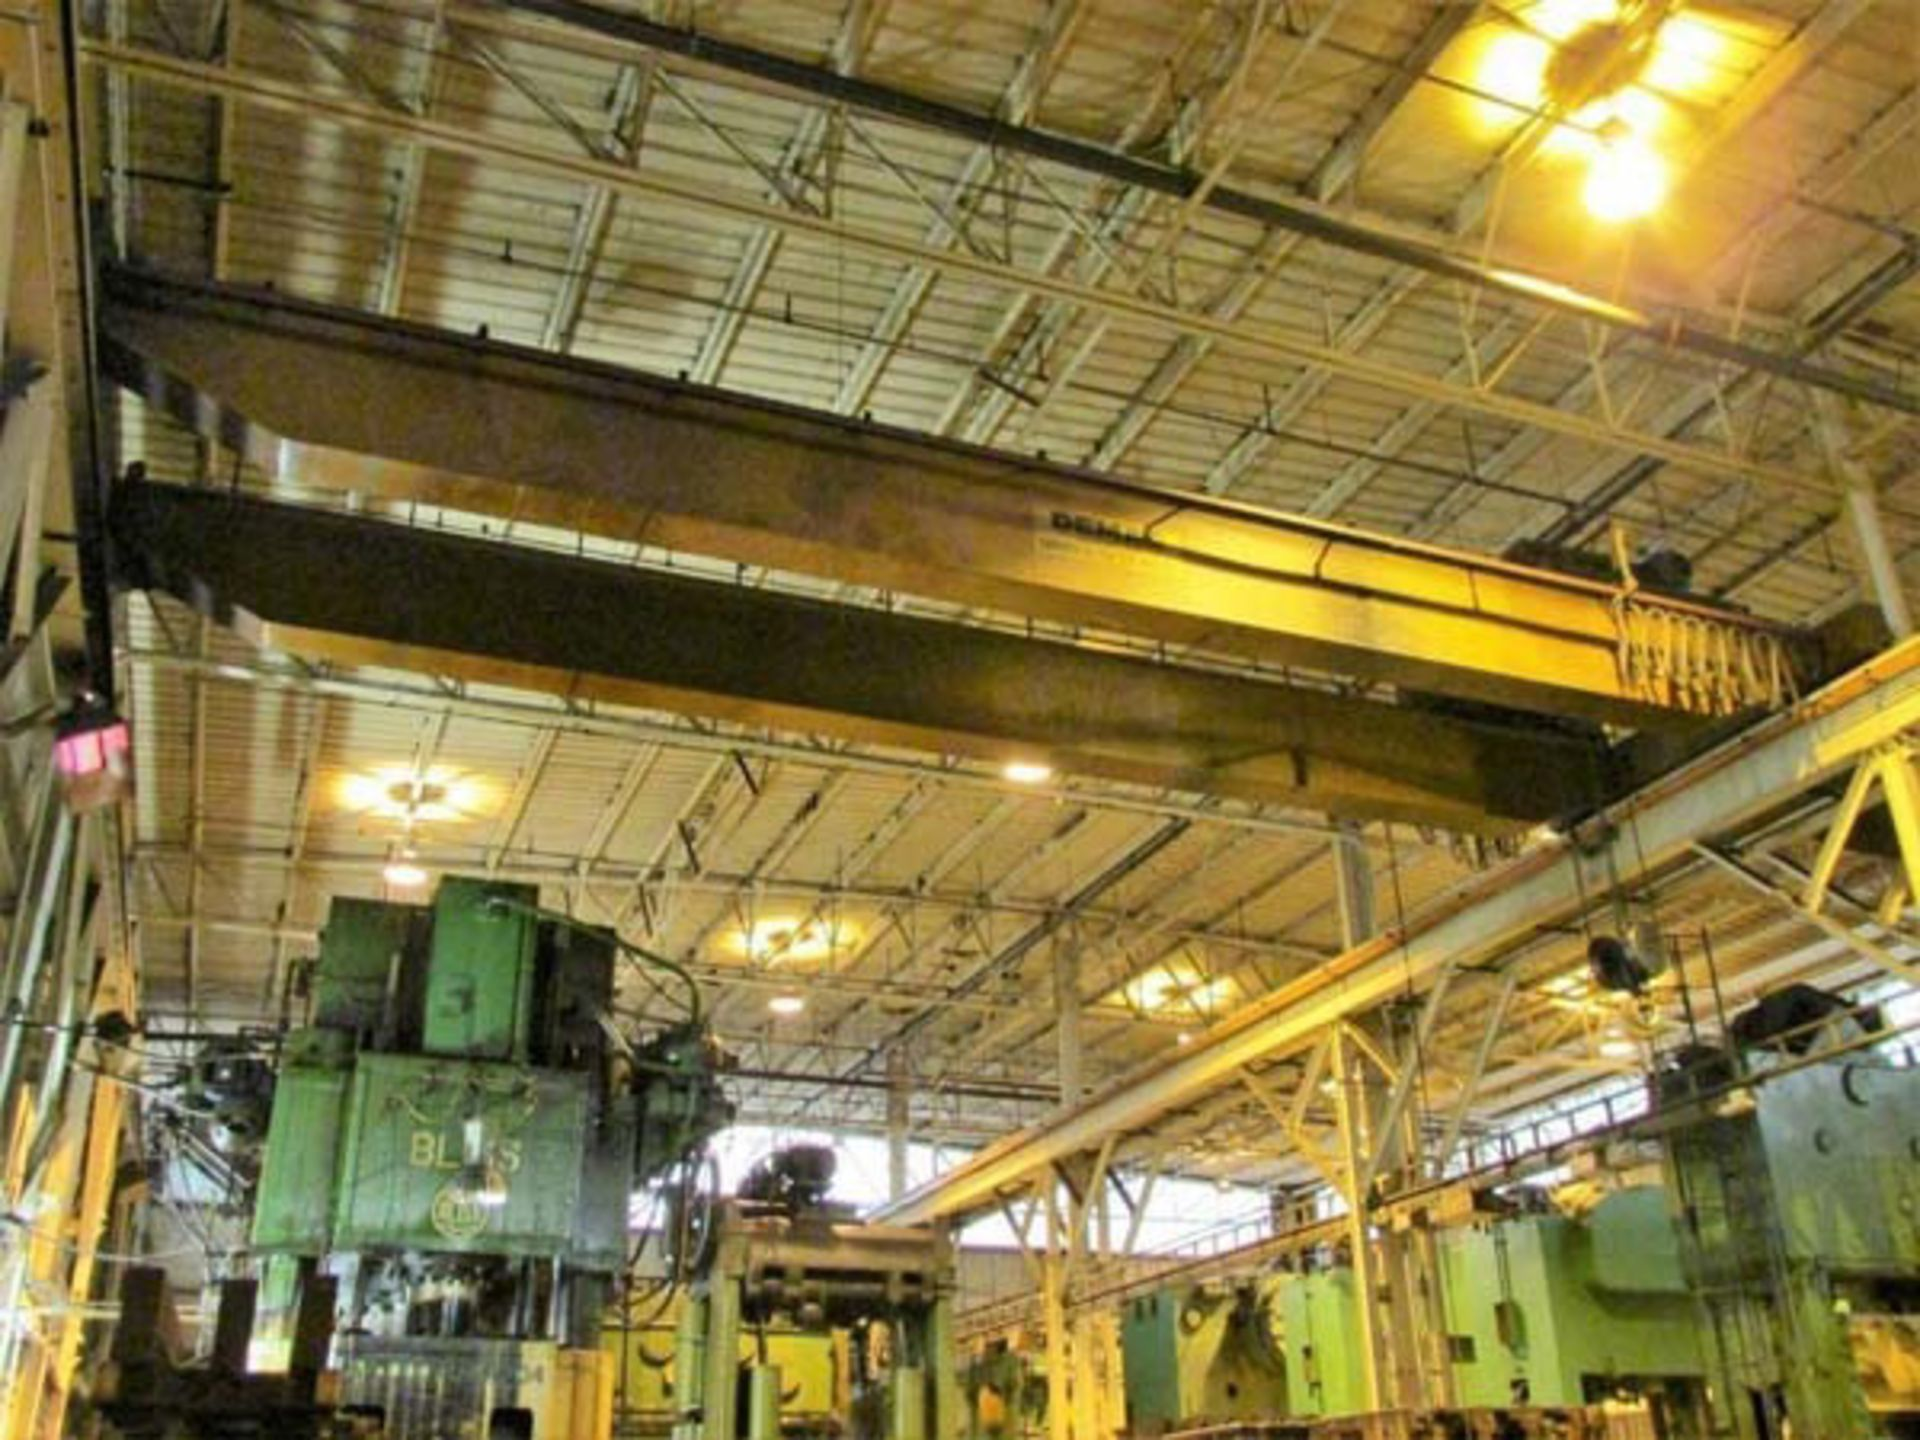 Demag Top Riding Double Girder Bridge Crane | 25-Ton x 50', Mdl: N/A, S/N: 75066 - 8398P